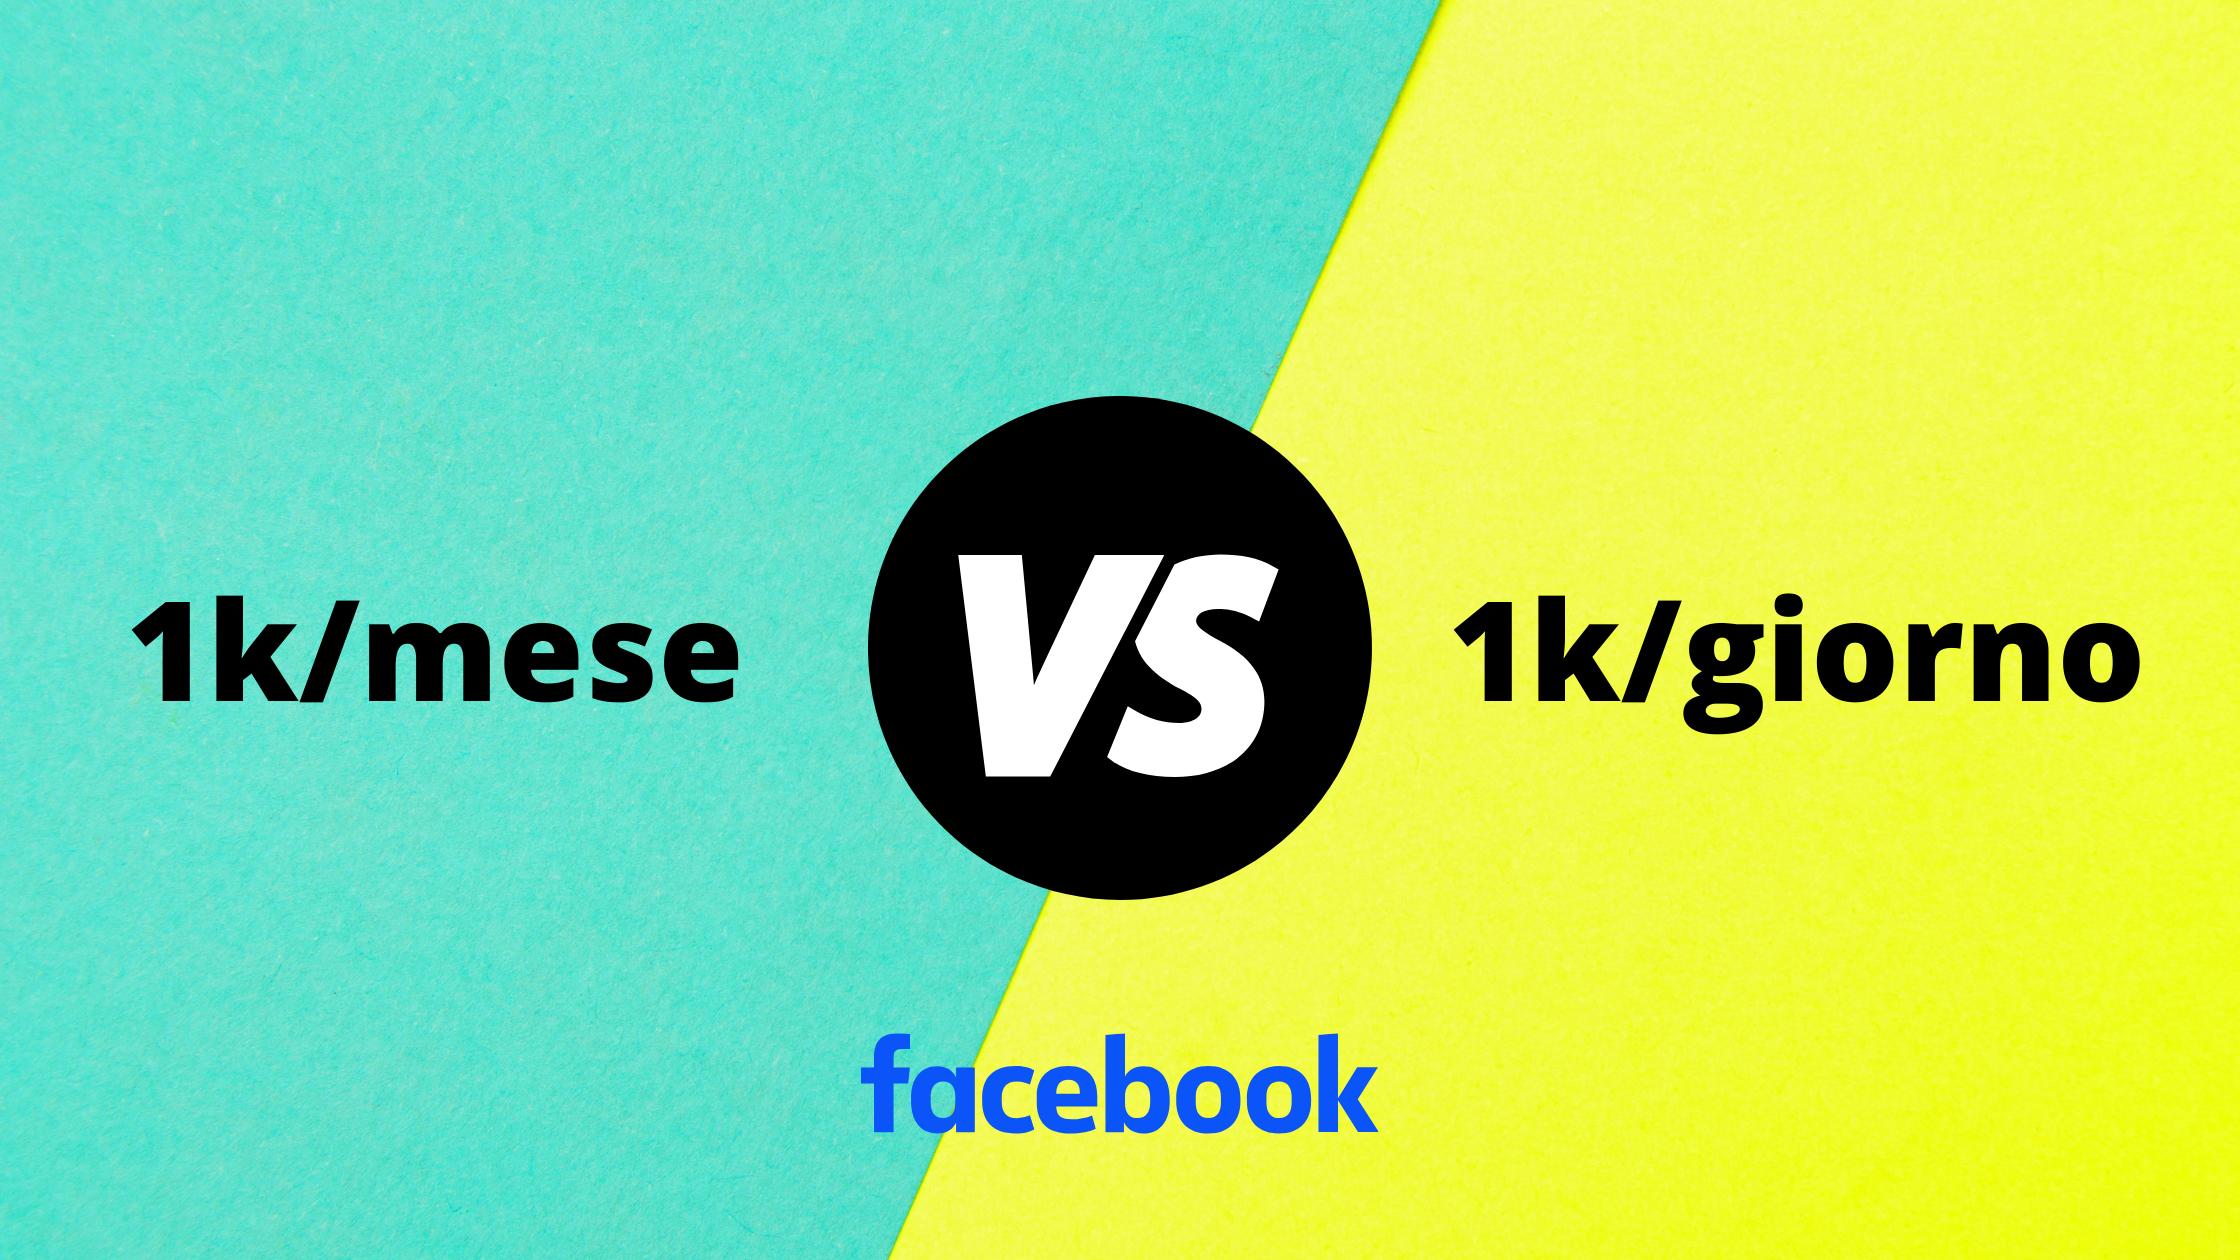 Account pubblicitario da 1k/mese vs 1k/giorno: ecco le differenze